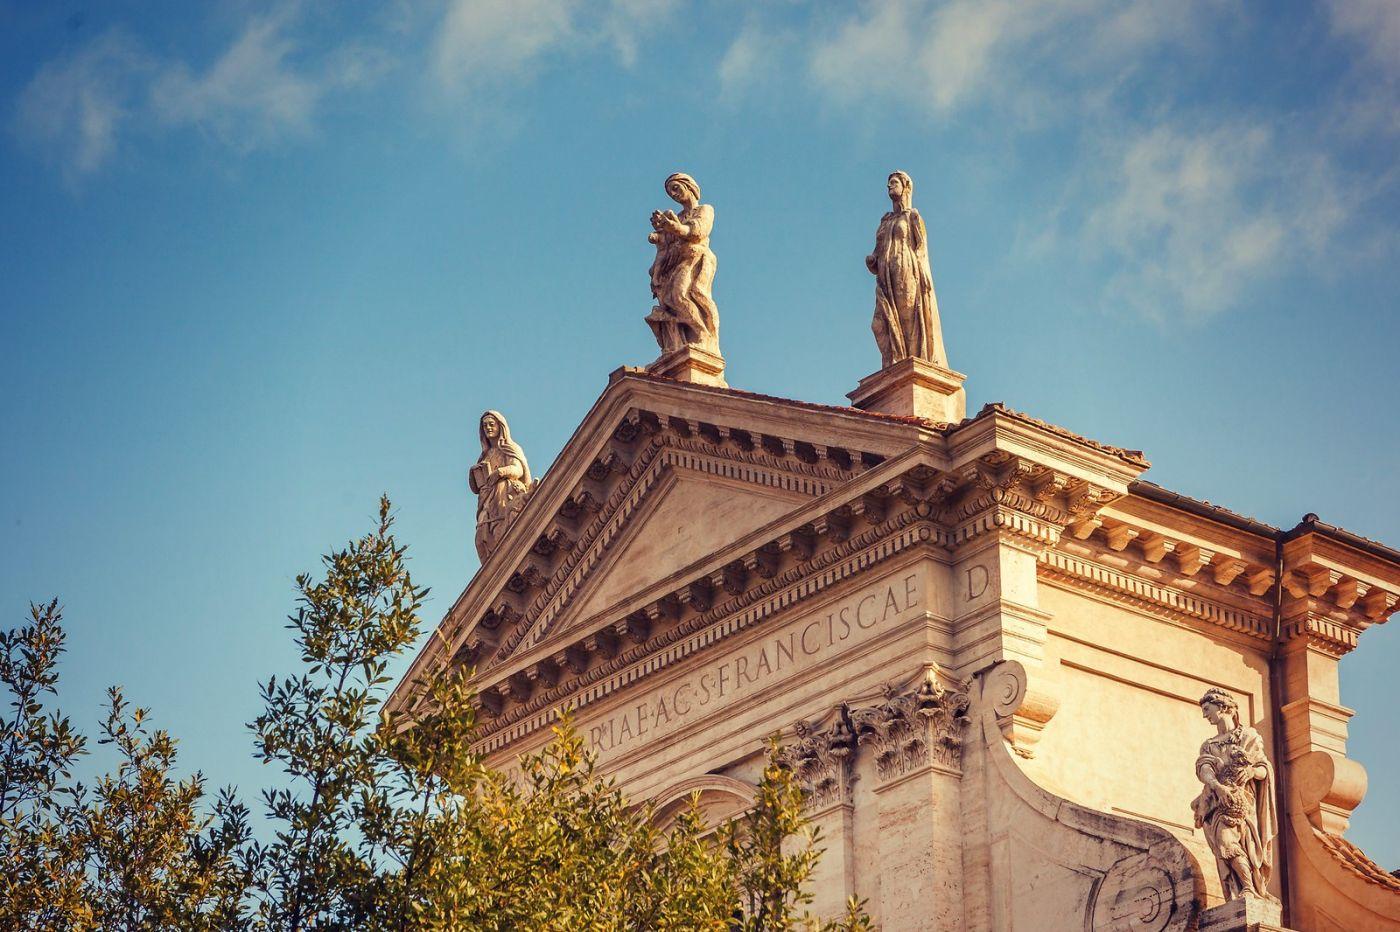 意大利罗马论坛,二千年的历史_图1-37